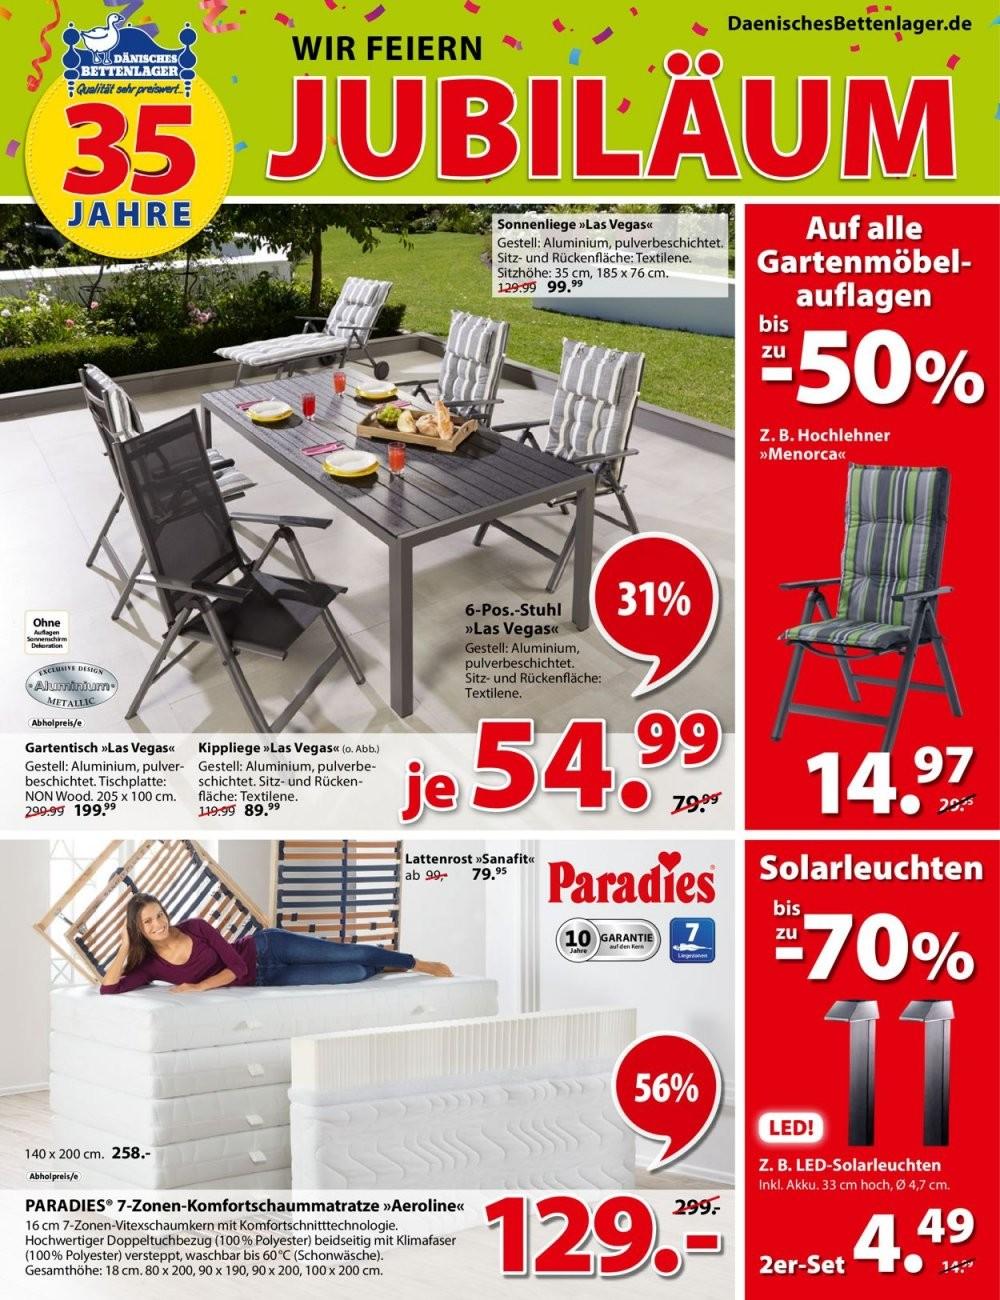 Dänisches Bettenlager Aktueller Prospekt 1305  19052019 von Angebote Dänisches Bettenlager Gartenmöbel Bild